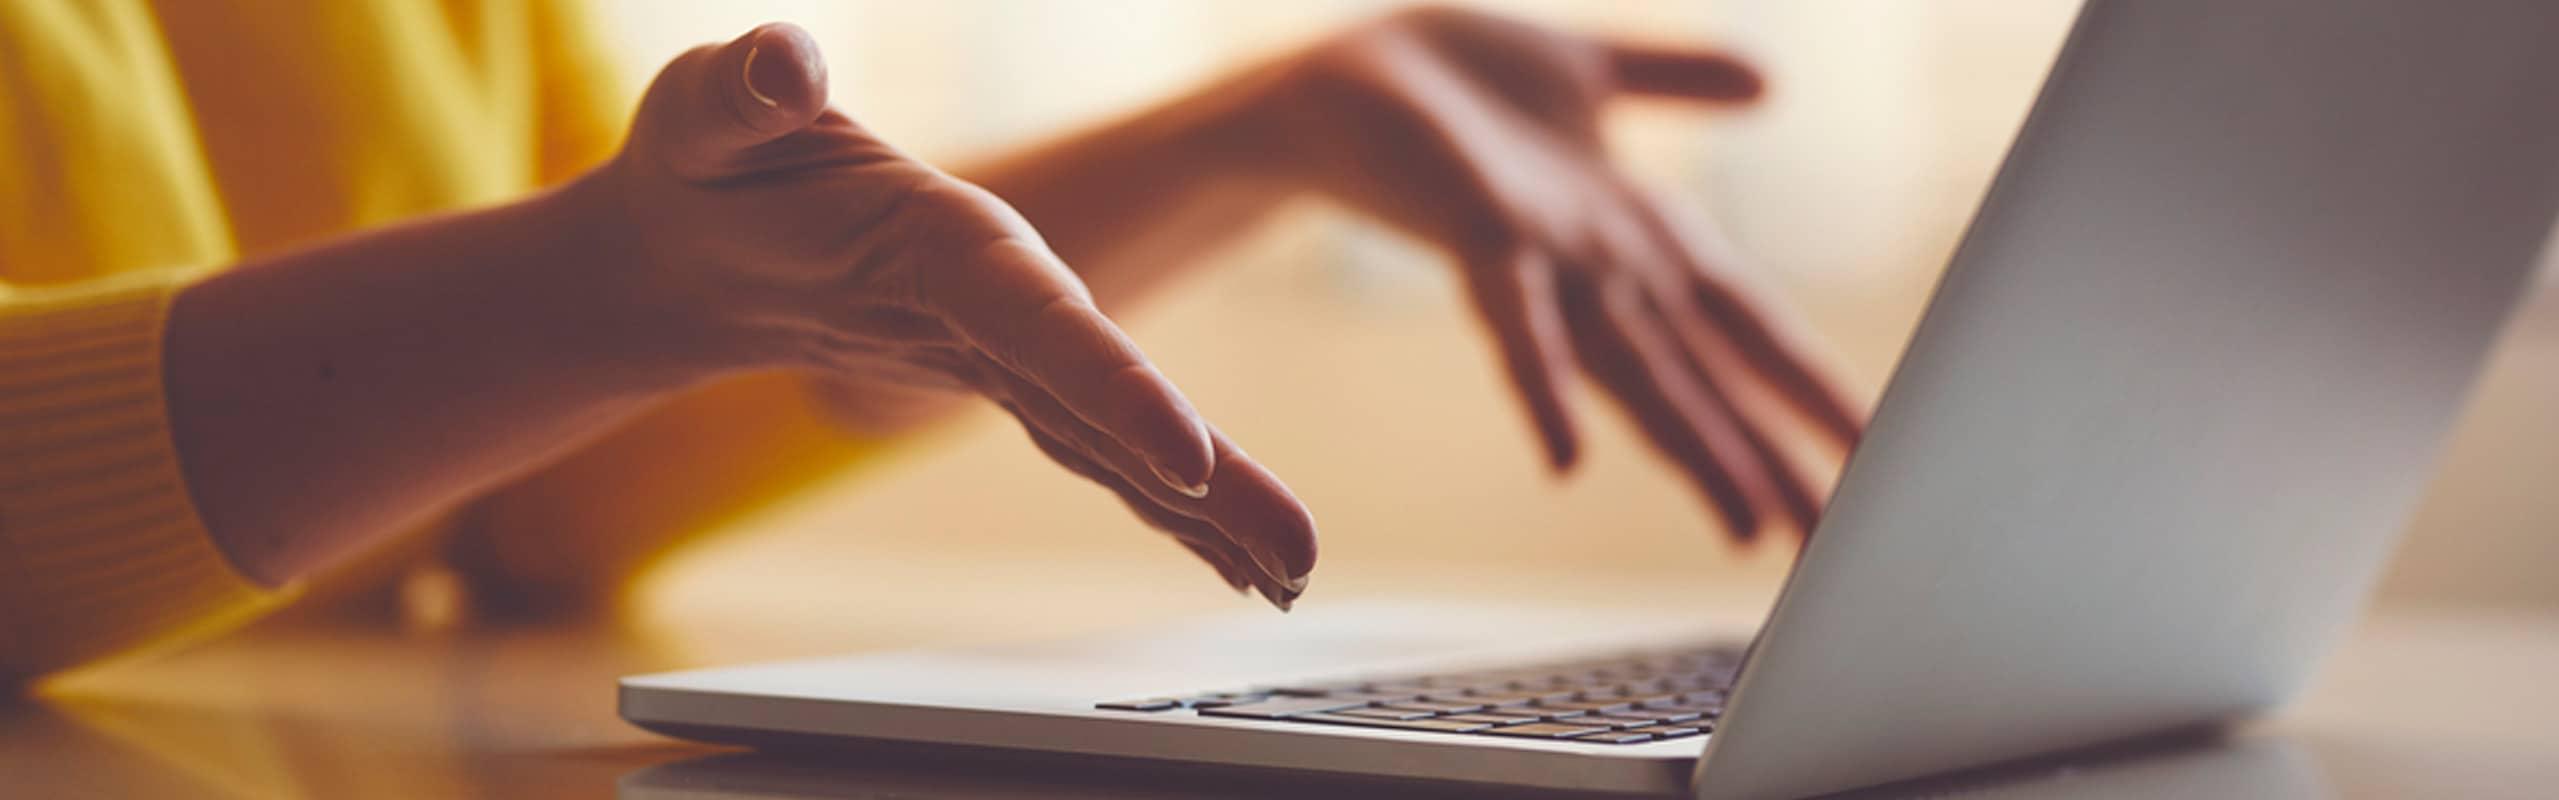 Descubre la terapia online y las ventajas de asistir a ellas